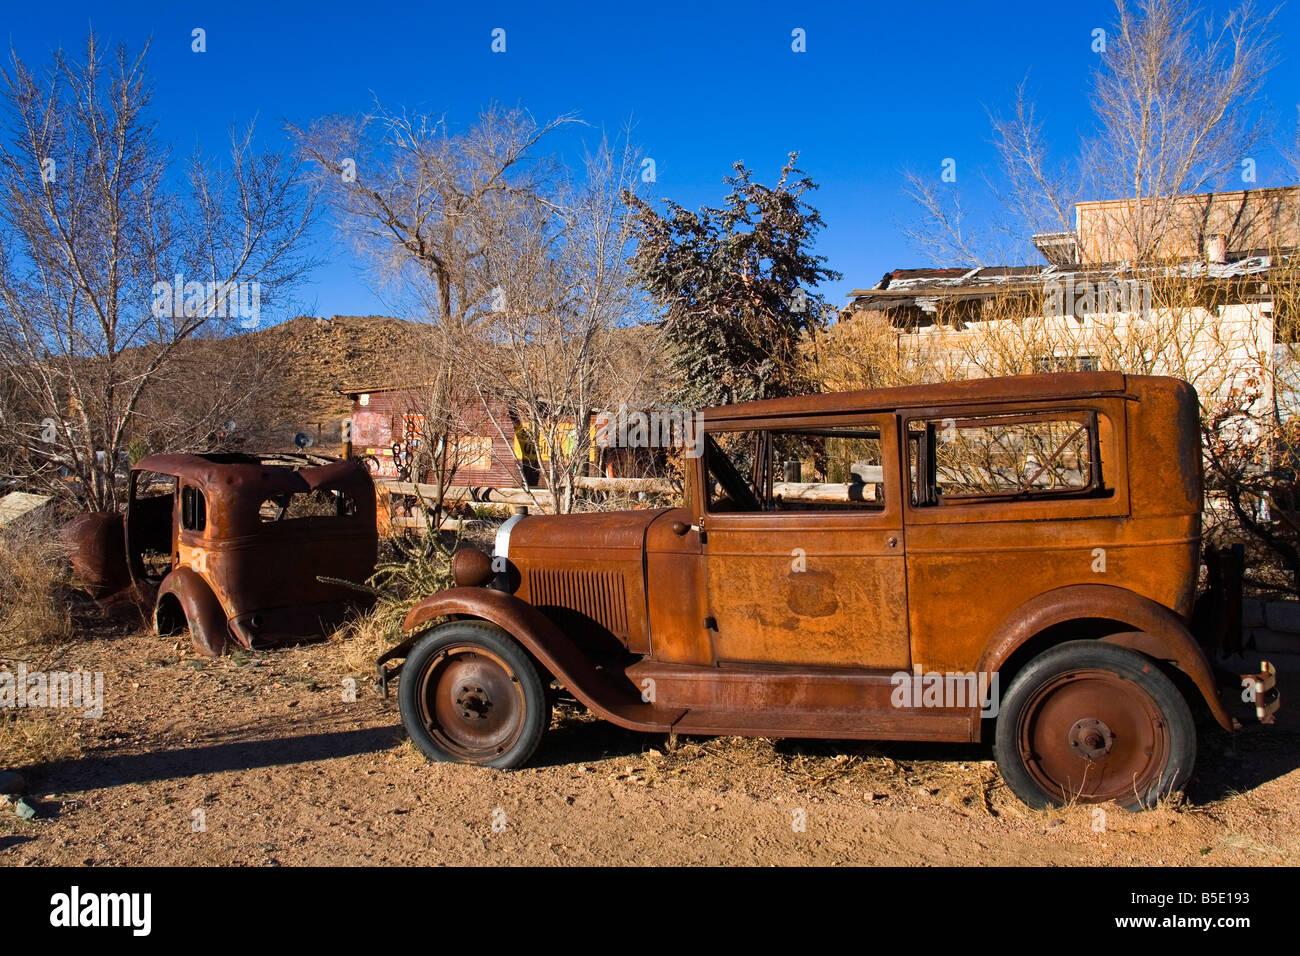 Car Museum Stock Photos  Car Museum Stock Images Alamy - Classic car museums in usa